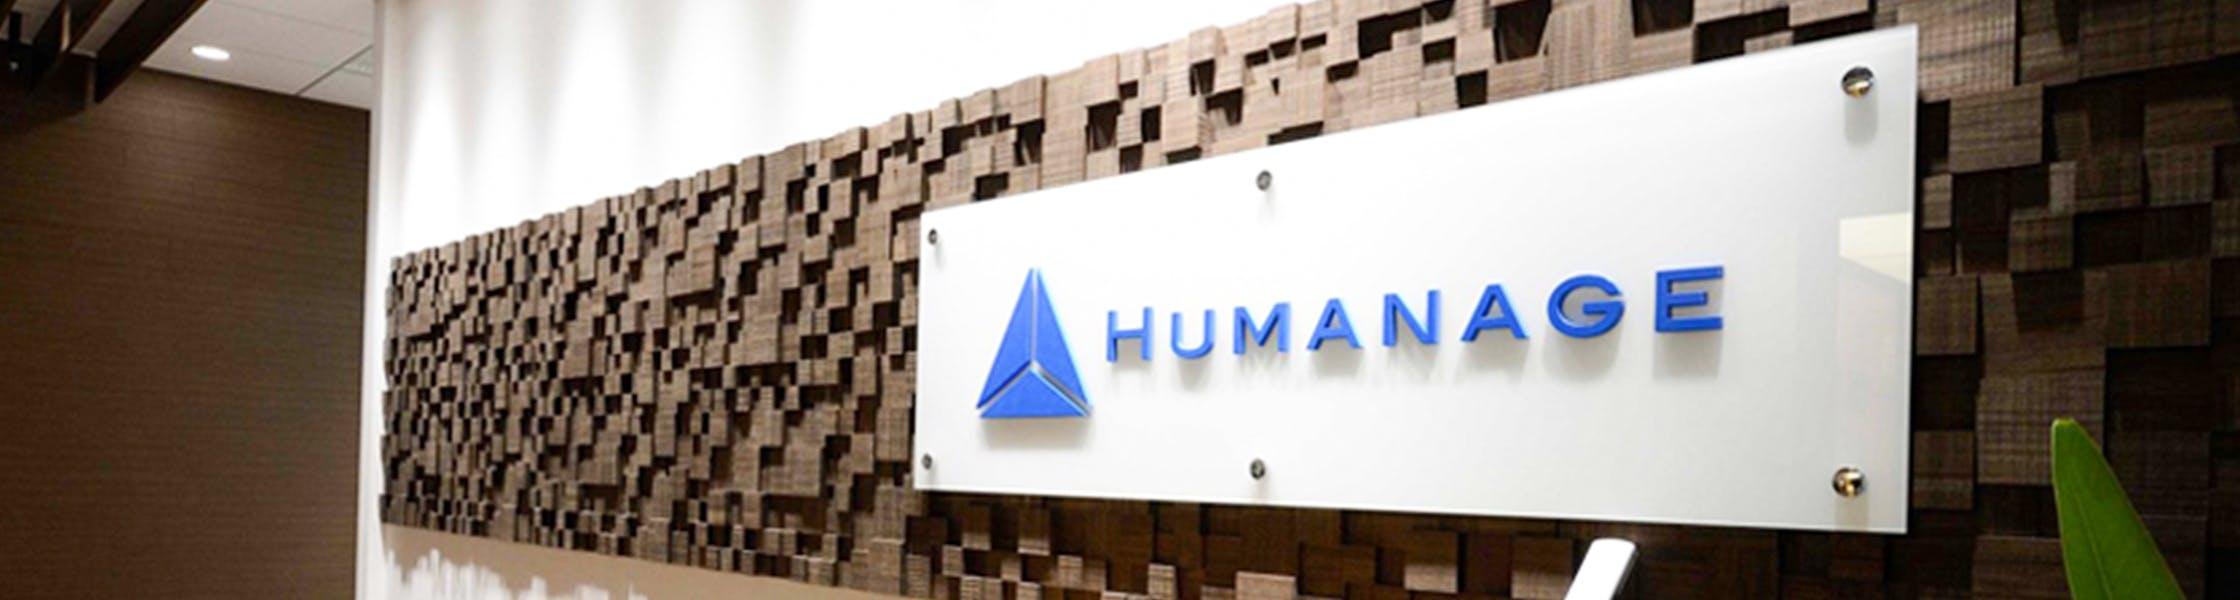 Humanage 1120x300 2x.jpg?ixlib=rails 3.0